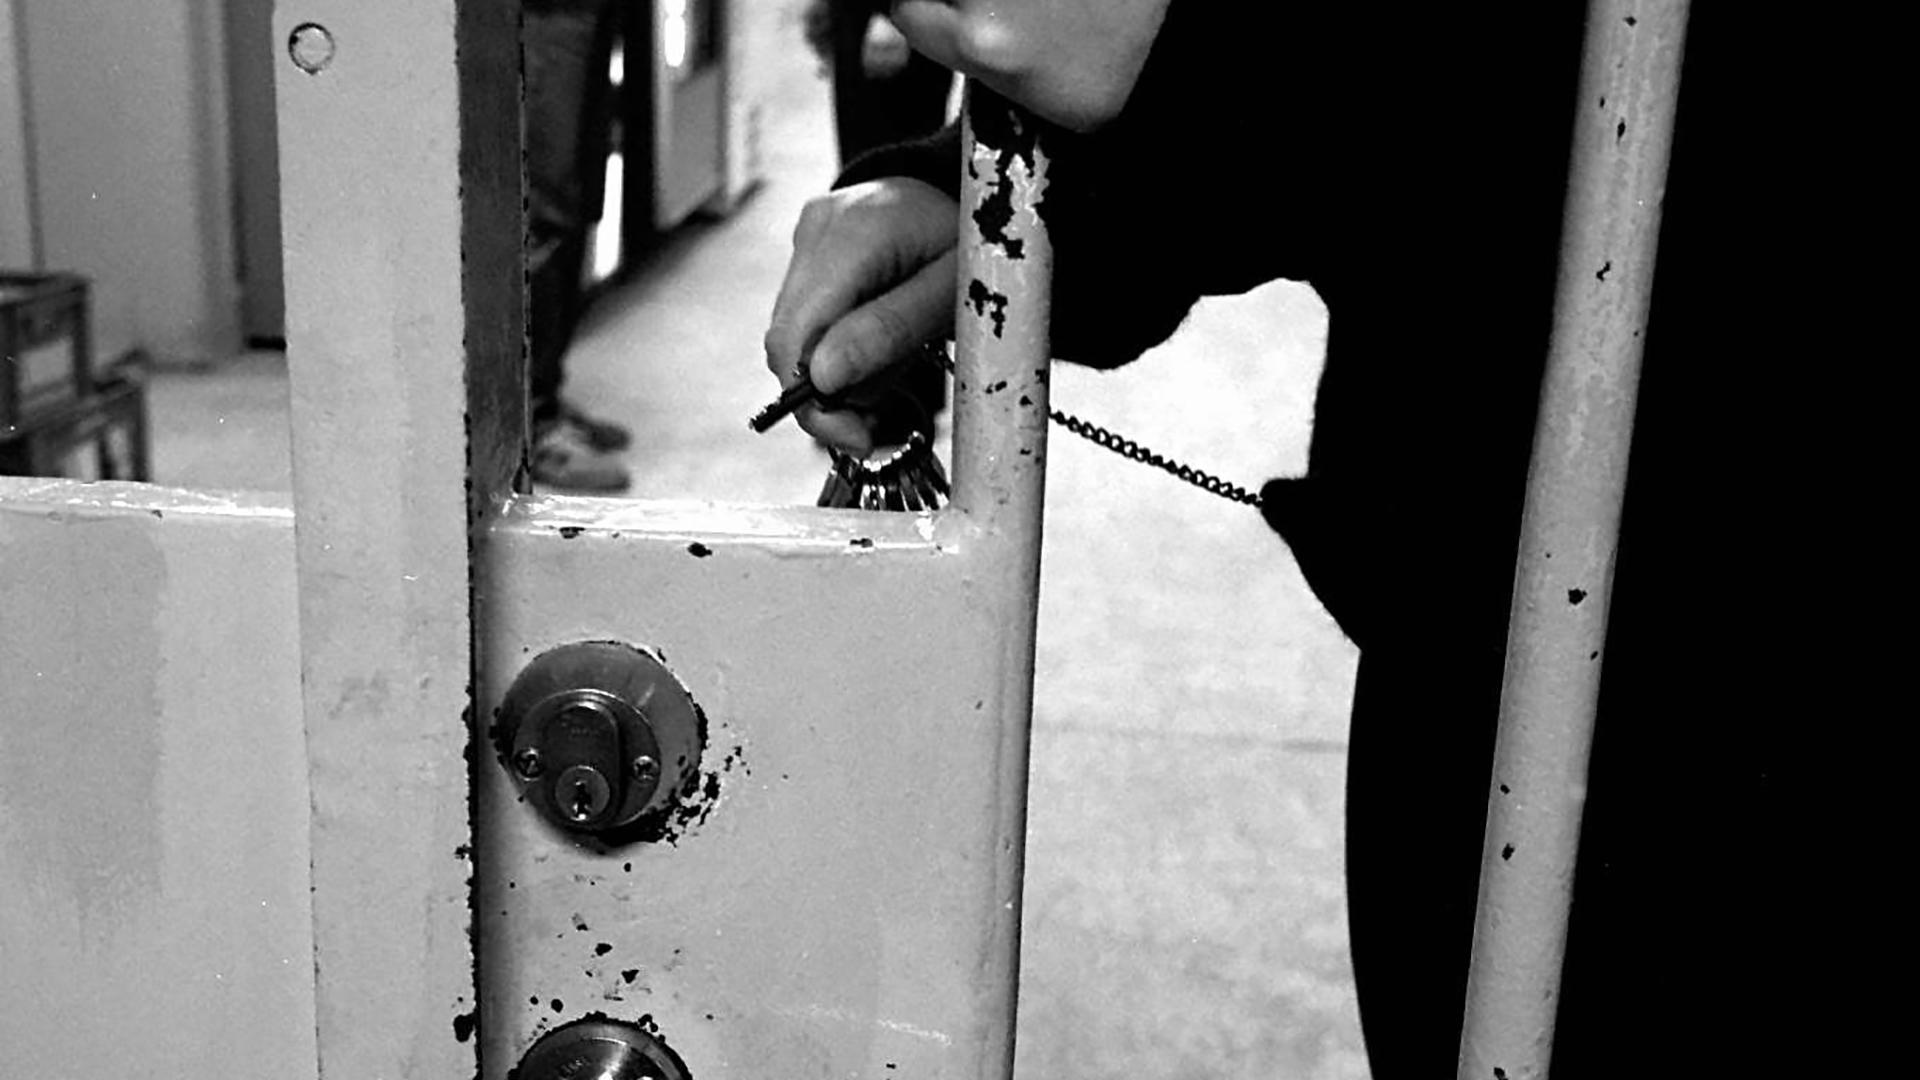 P1 Dokumentar: Whistleblower 2:3 - Retfærdighed i fængsel